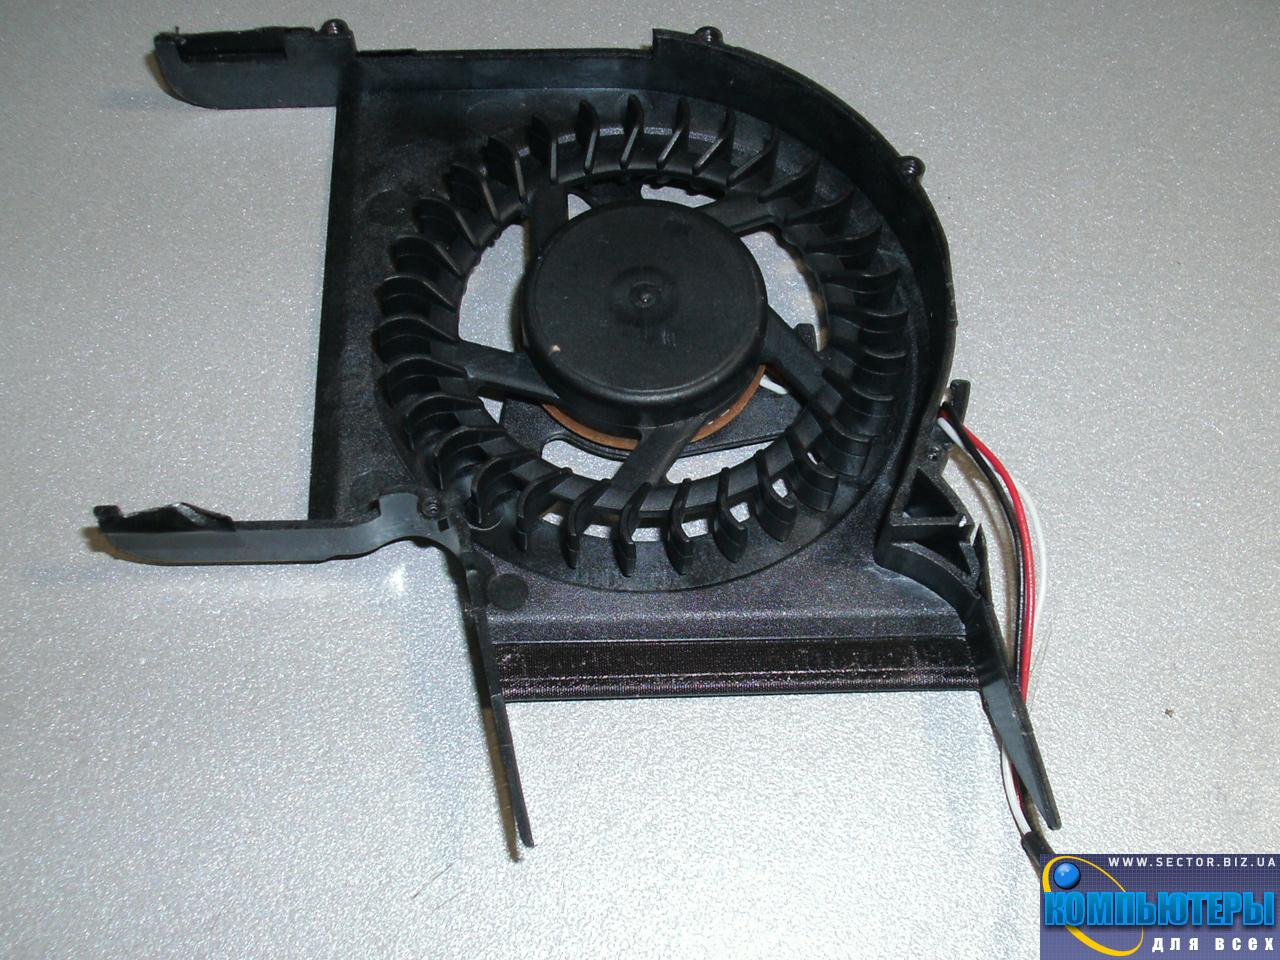 Кулер к ноутбуку Samsung R428 R429 R480 R478 R403 P428 R439 R440 p/n: DFS531005MC0T F81G-2. Фото № 2.